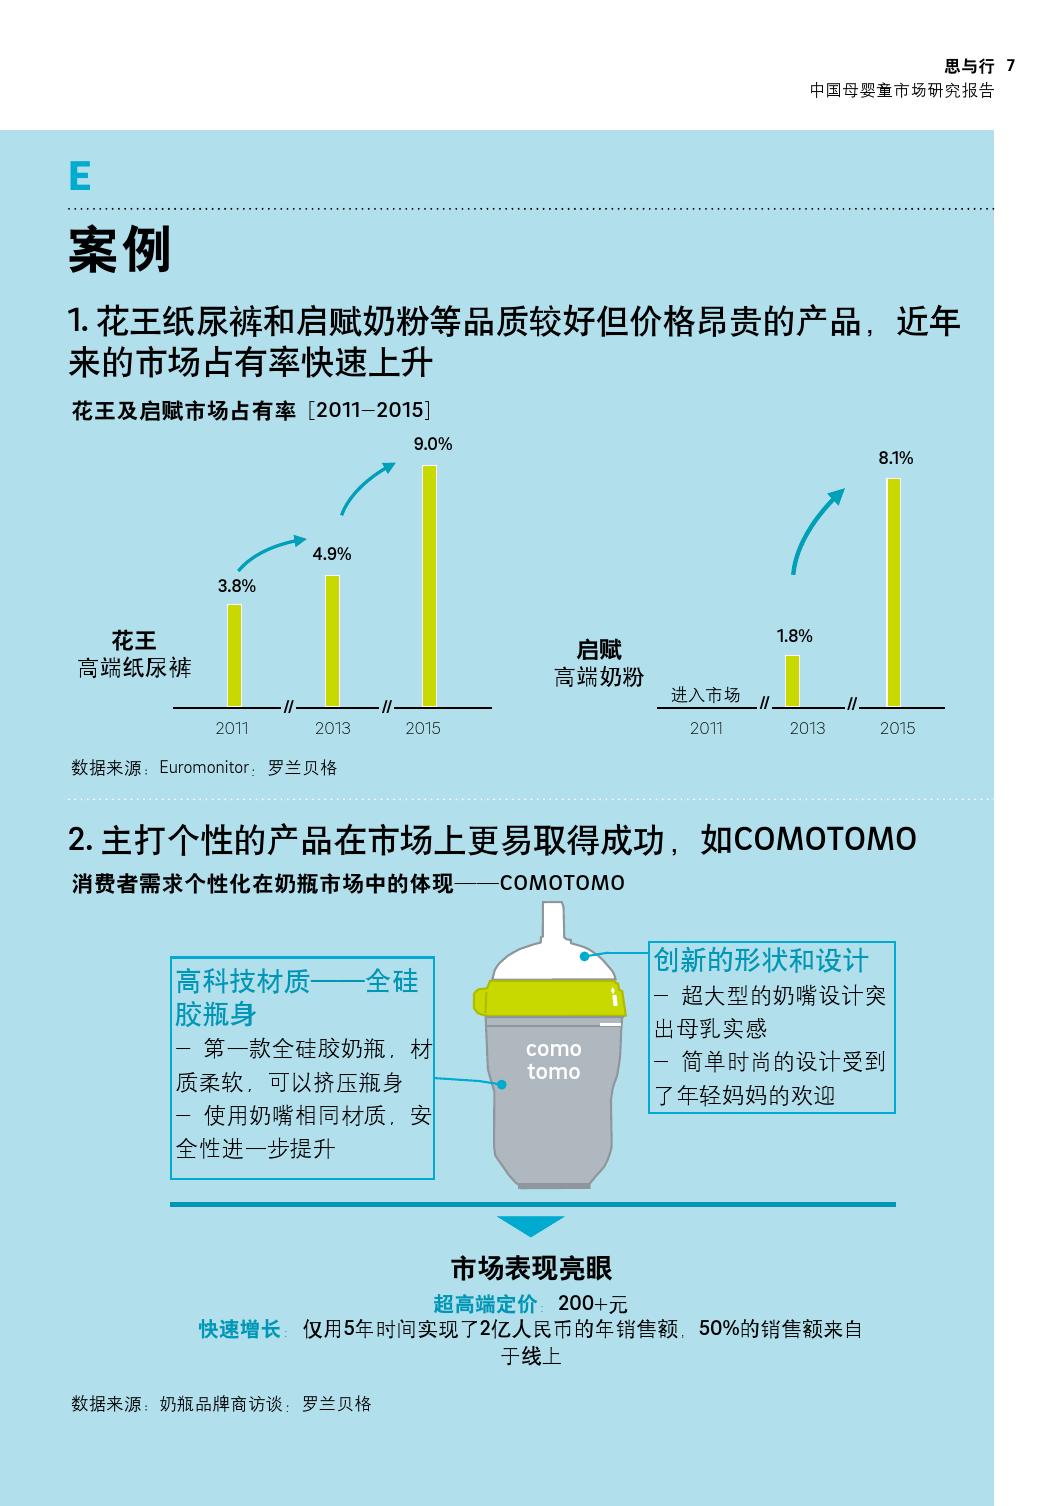 罗兰贝:2016中国母婴童市场研究报告_000007